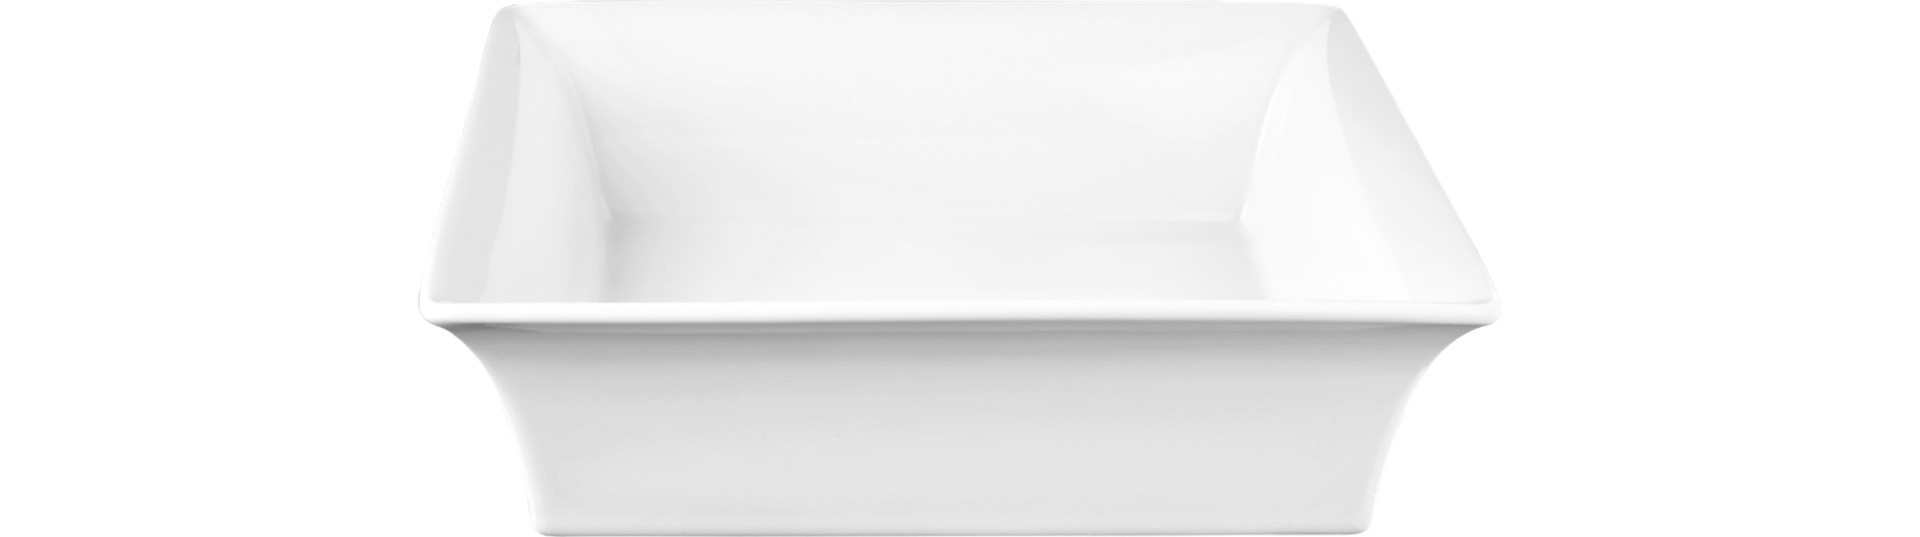 Buffet Gourmet, Bowl 350 x 350 mm / 3,70 l